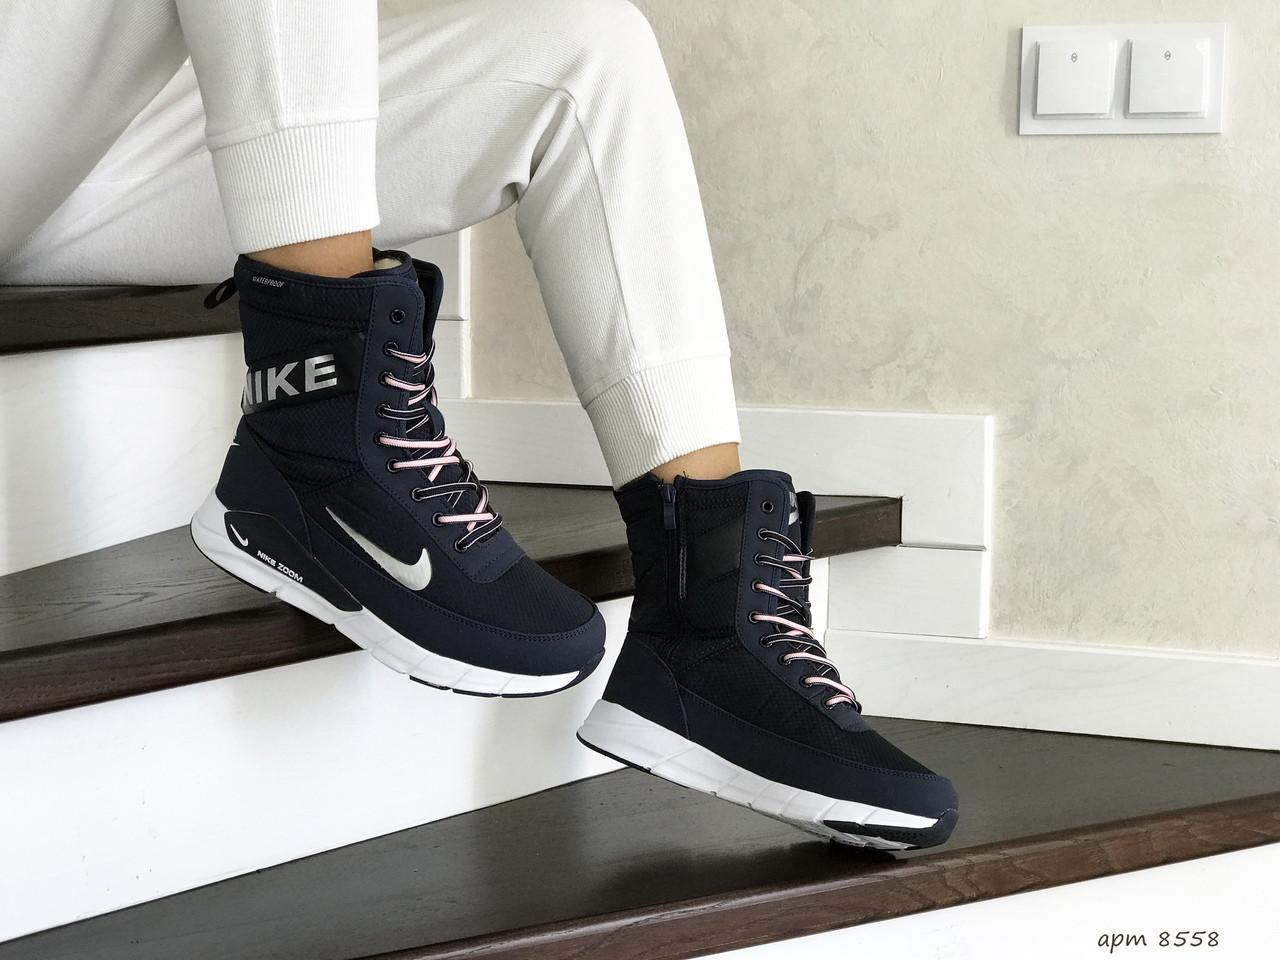 Высокие женские зимние ботинки Nike,темно синие с белым